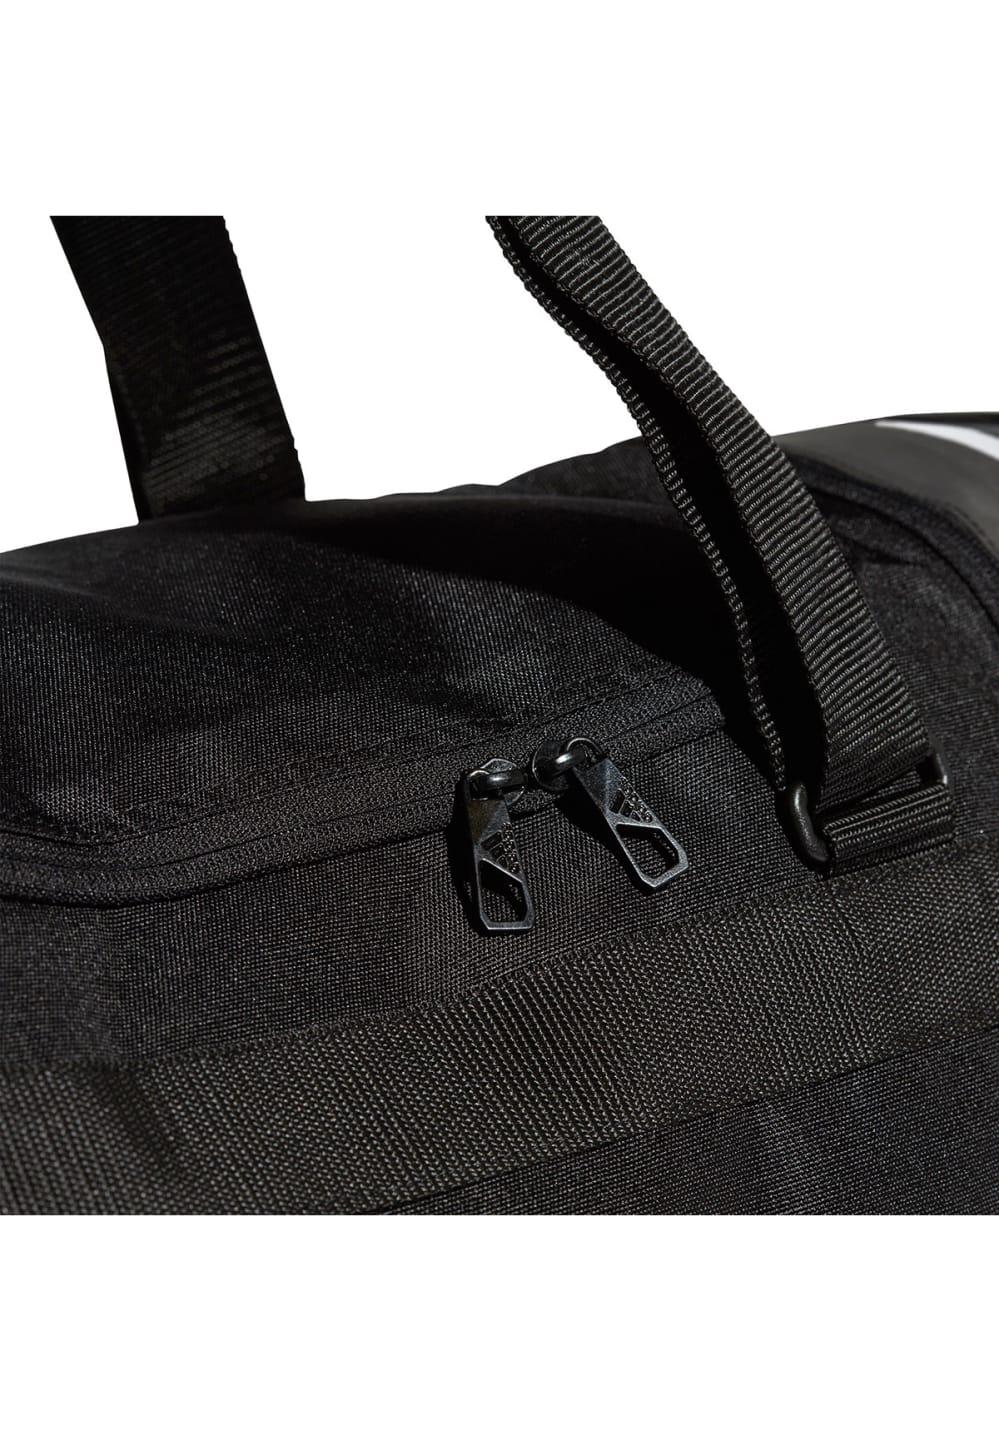 Noir Bag Adidas Stripes Convertible Sacs Large Sport Duffel 3 FIS8n4Iq6